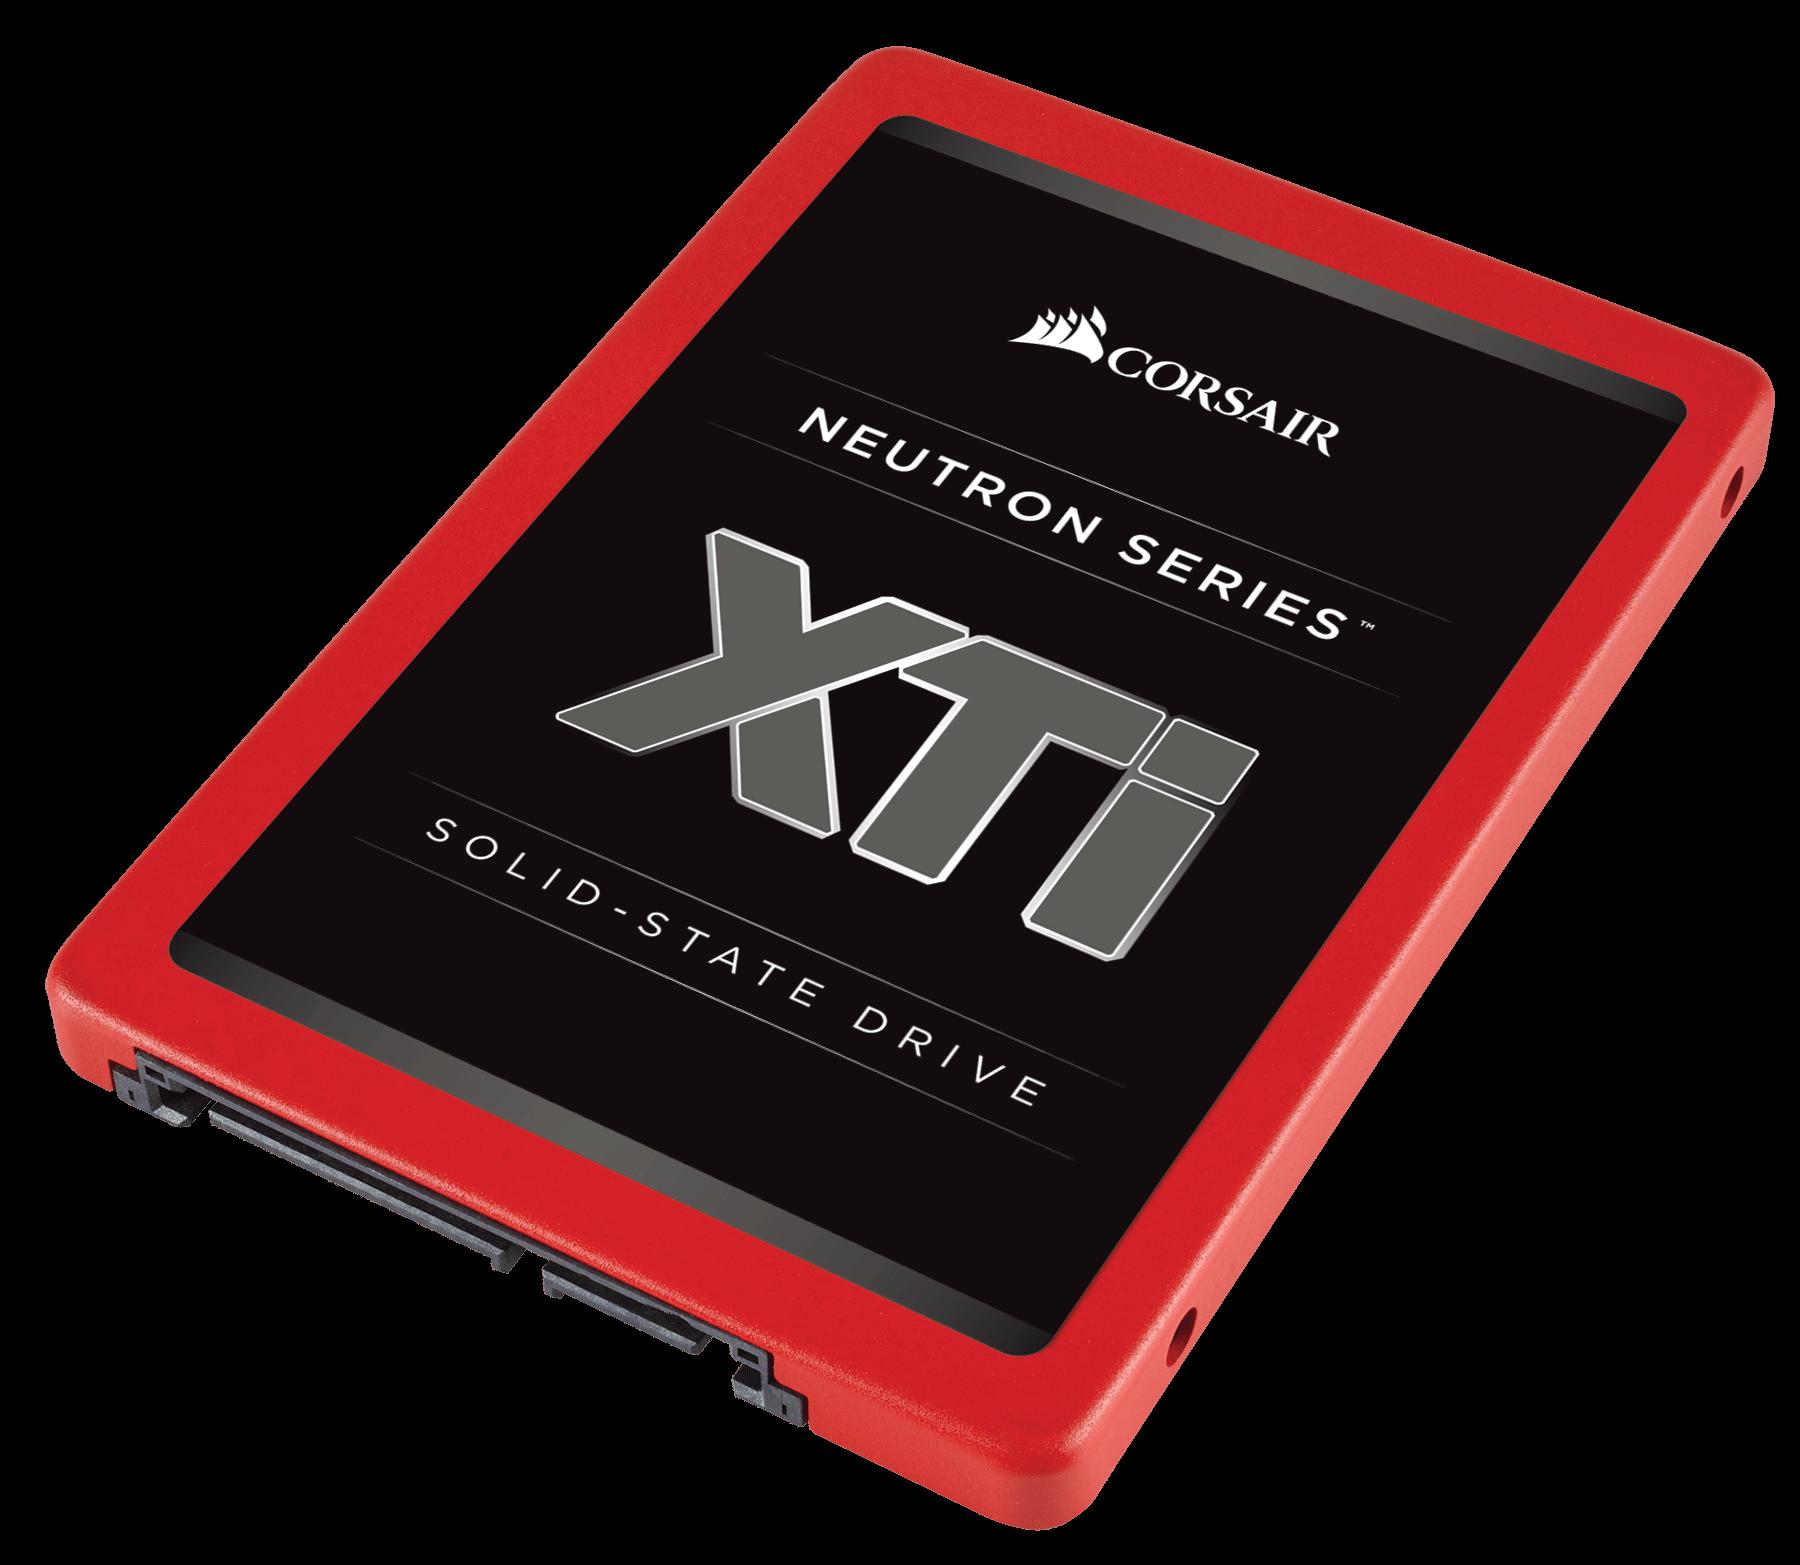 SSD_NTRN_XTi_01